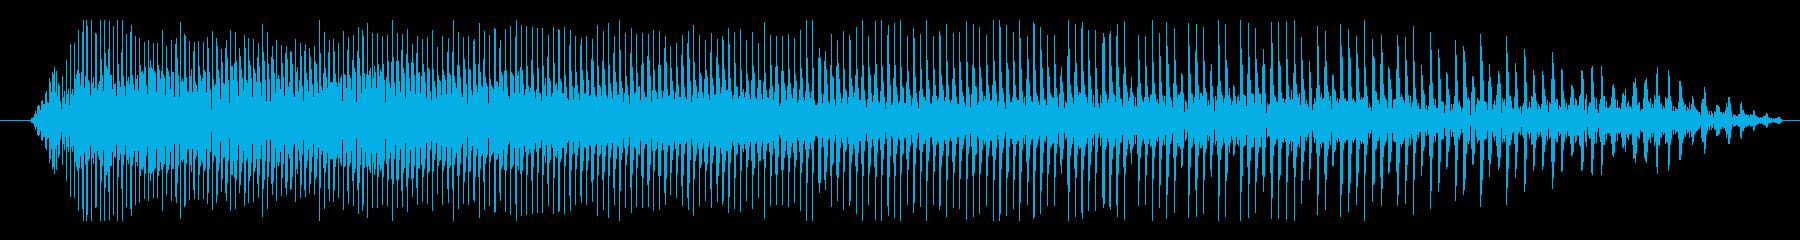 オートバイ モトクロス減速02の再生済みの波形